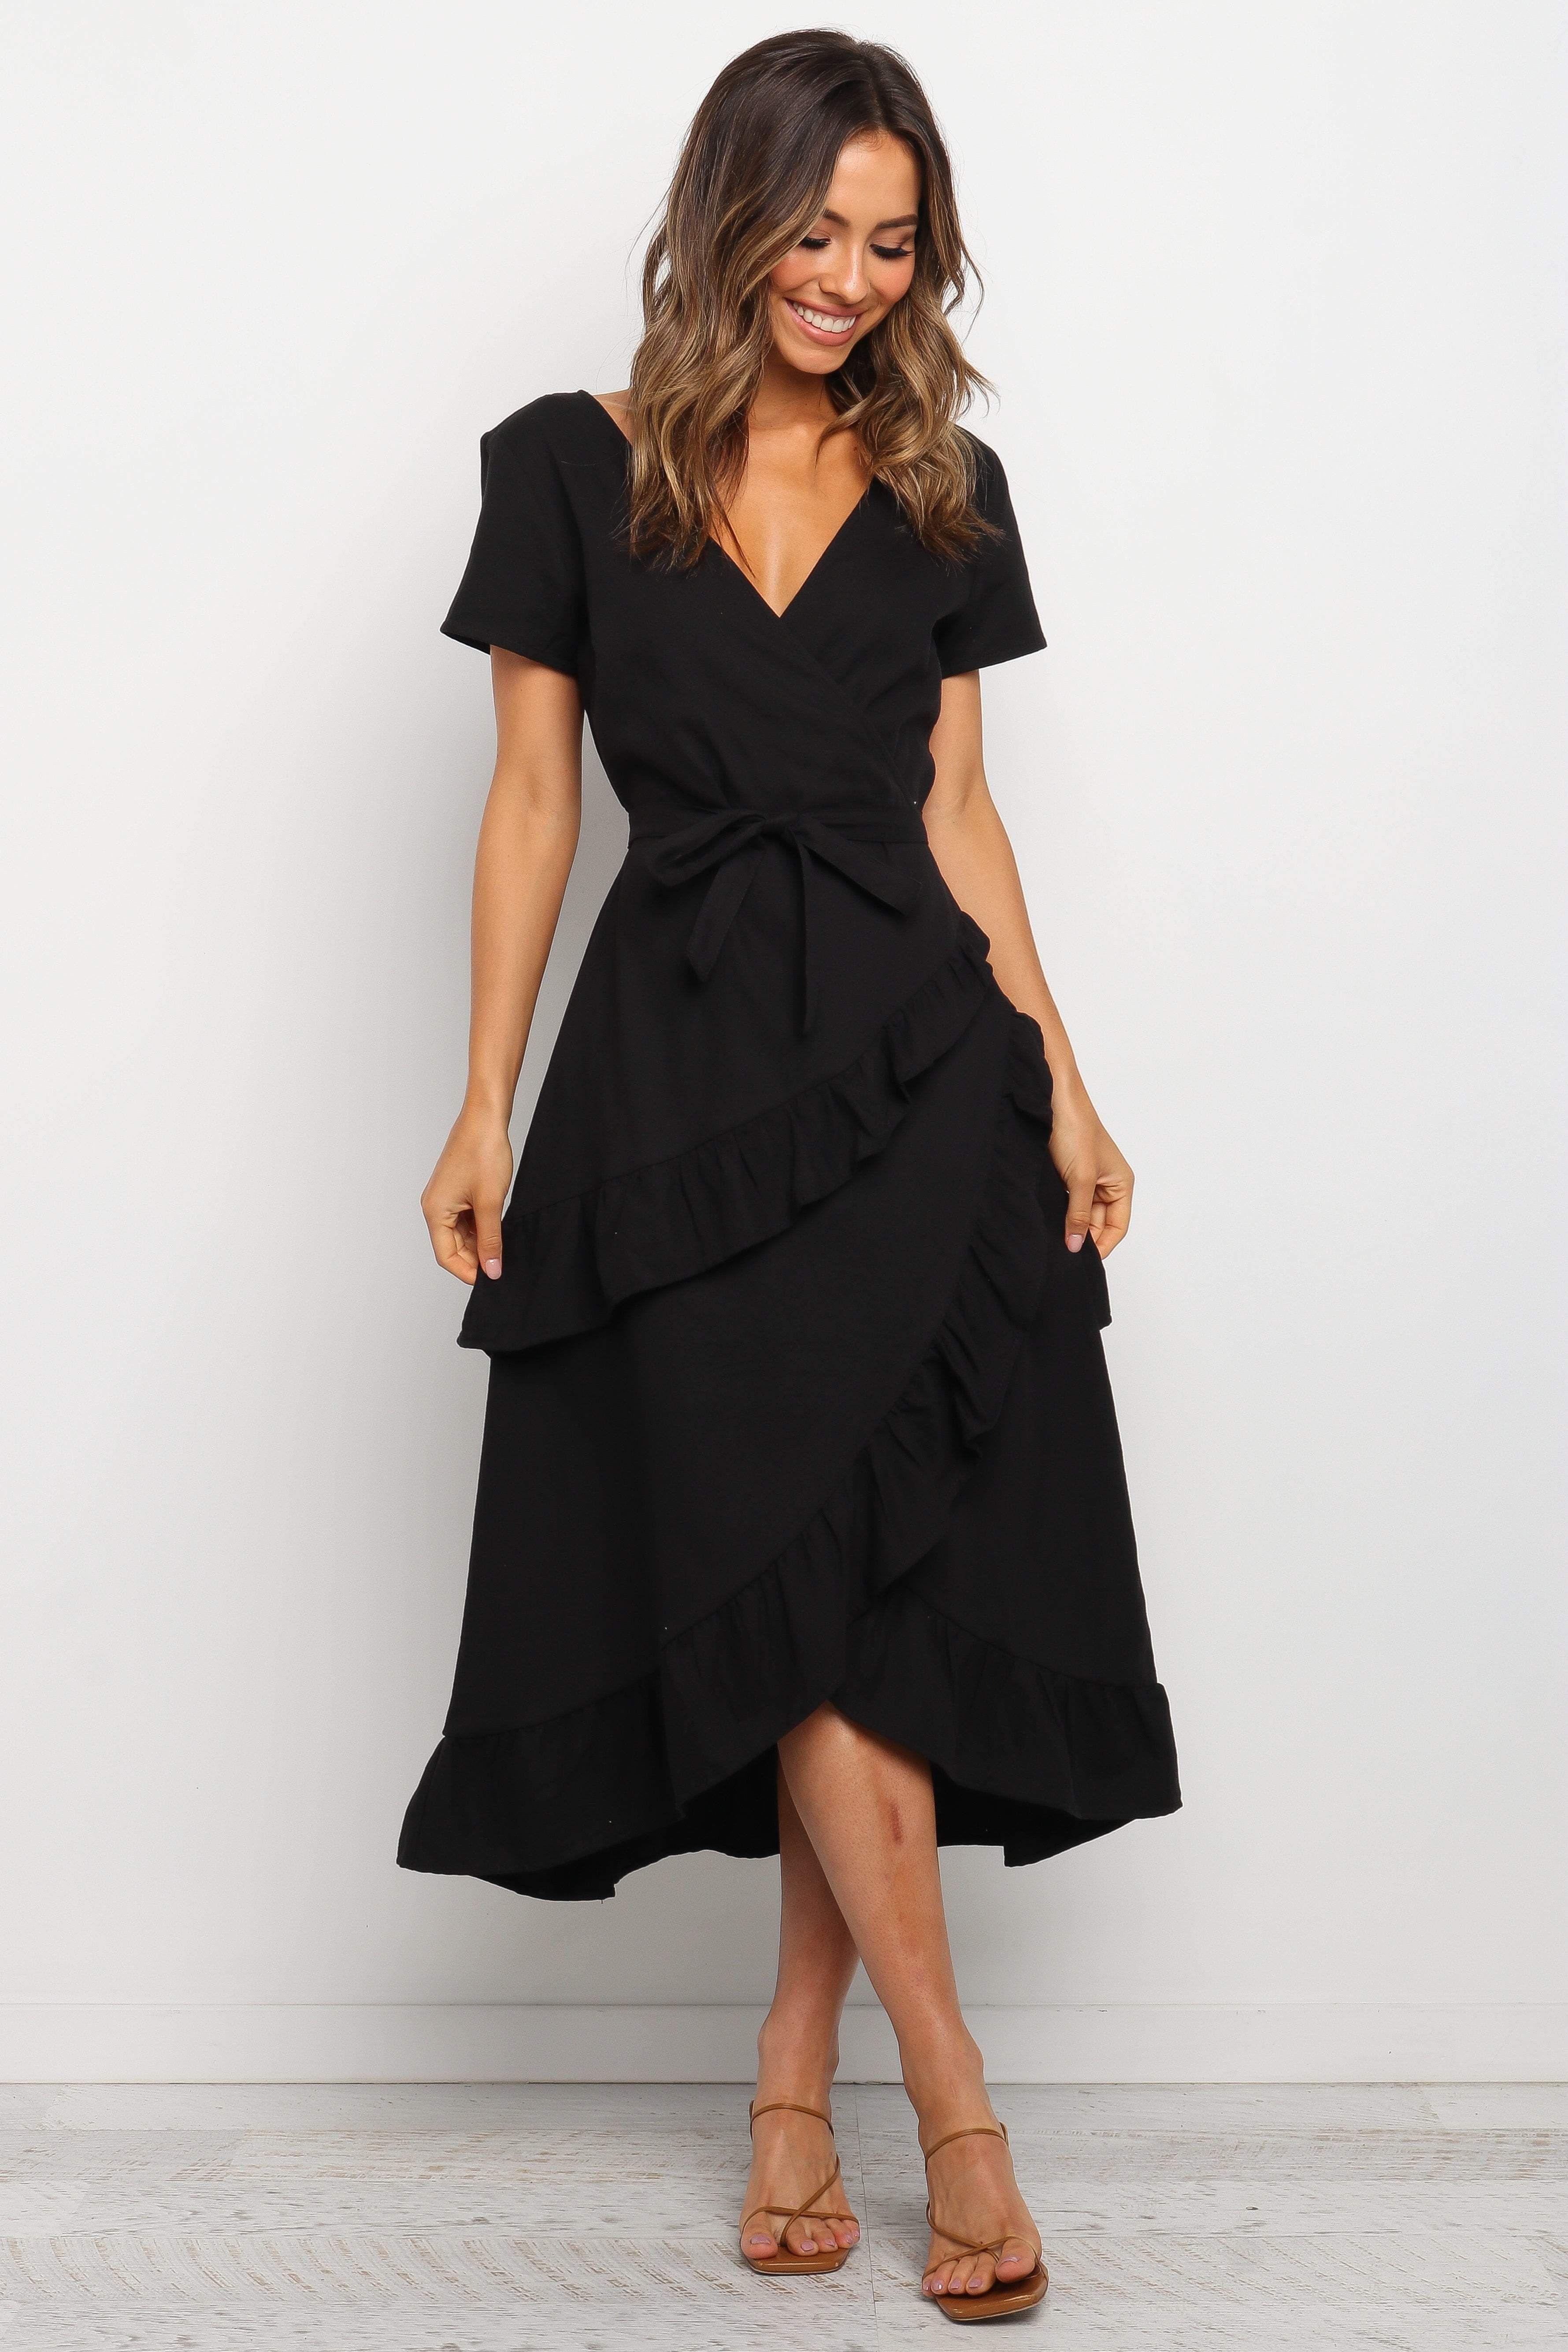 Trevi Dress Black 2 Black Dresses Classy Black Dress Outfit Casual Black Dress Outfits [ 5338 x 3559 Pixel ]